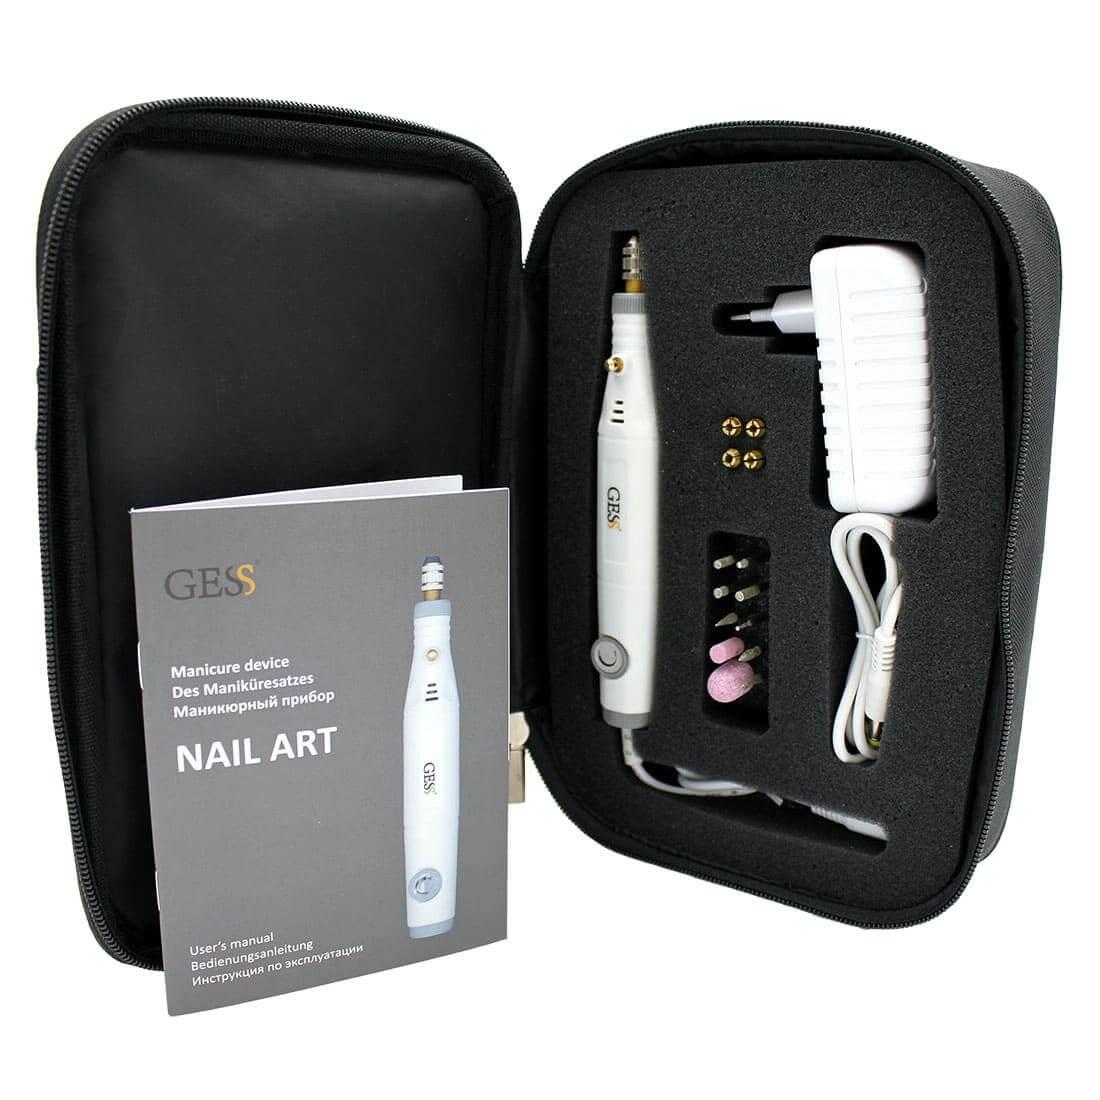 NAIL ART маникюрный прибор, GESS-631